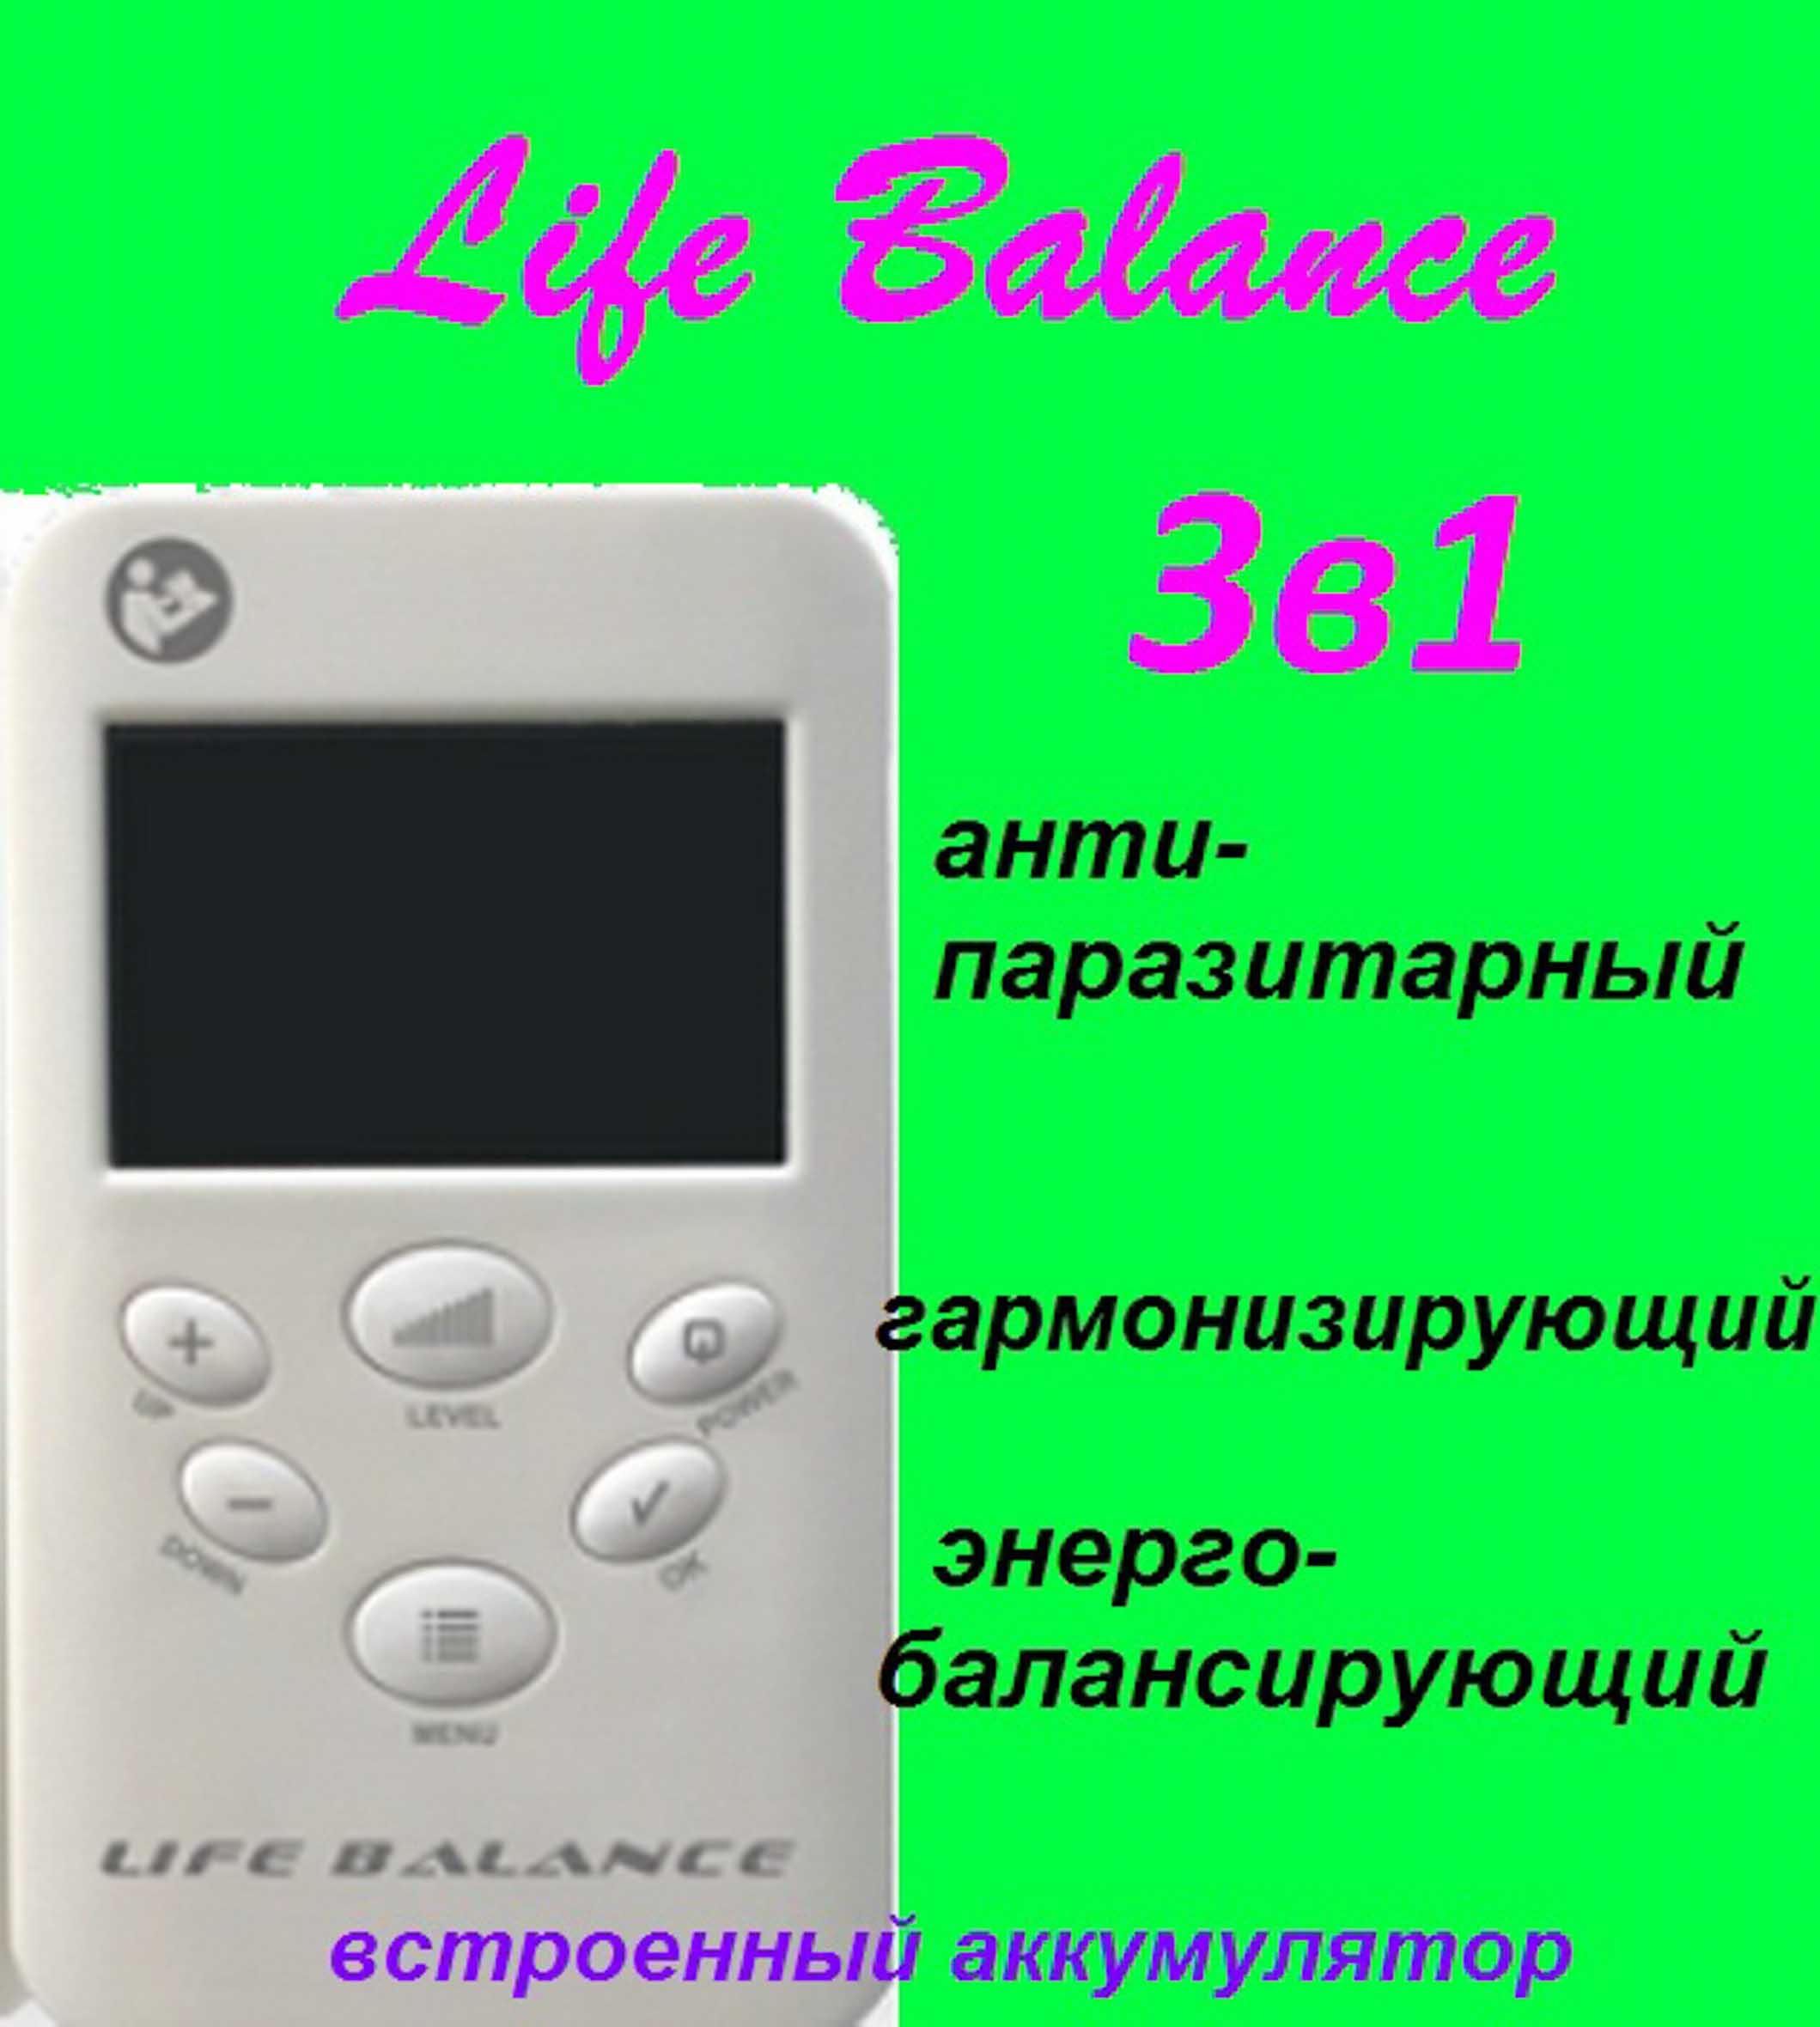 Биорезонансный прибор Life Balance для здоровья. фото 2